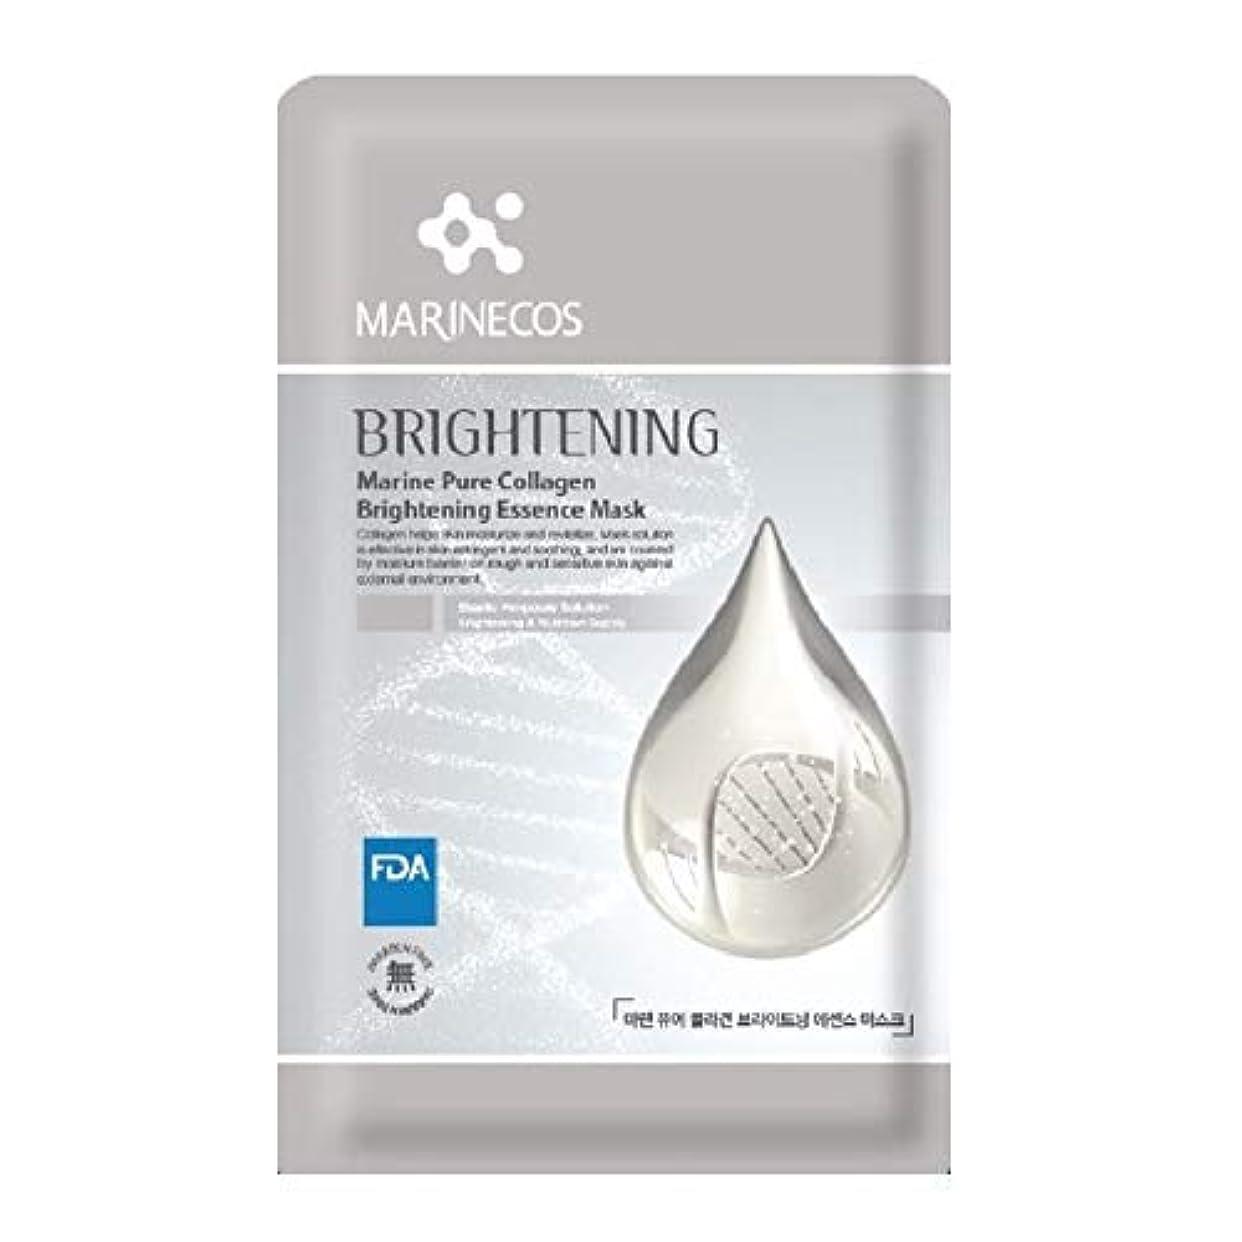 素晴らしさ胆嚢他にKorea, Beauty, Marine Pure Collagen Brightening Essence Mask 10 Sheets 1 Case 韓国ネーチャー コスメ ビューティー 韓国マスクシート